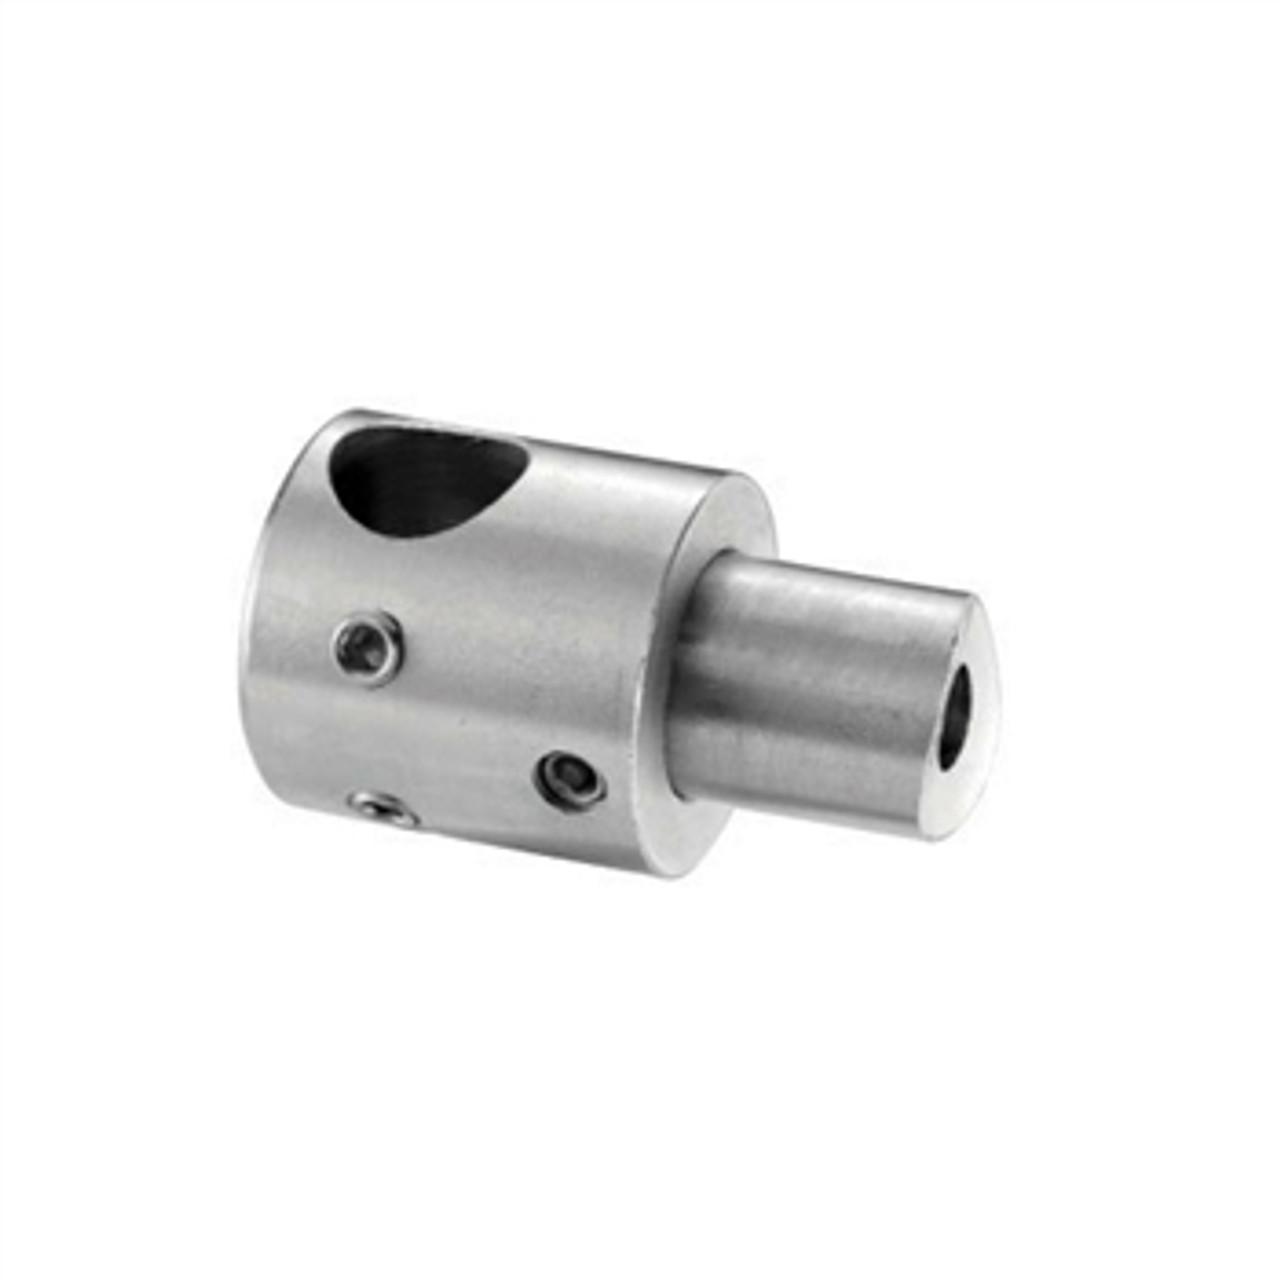 E006316 Stainless Steel Bar Holder, 1/2-inch